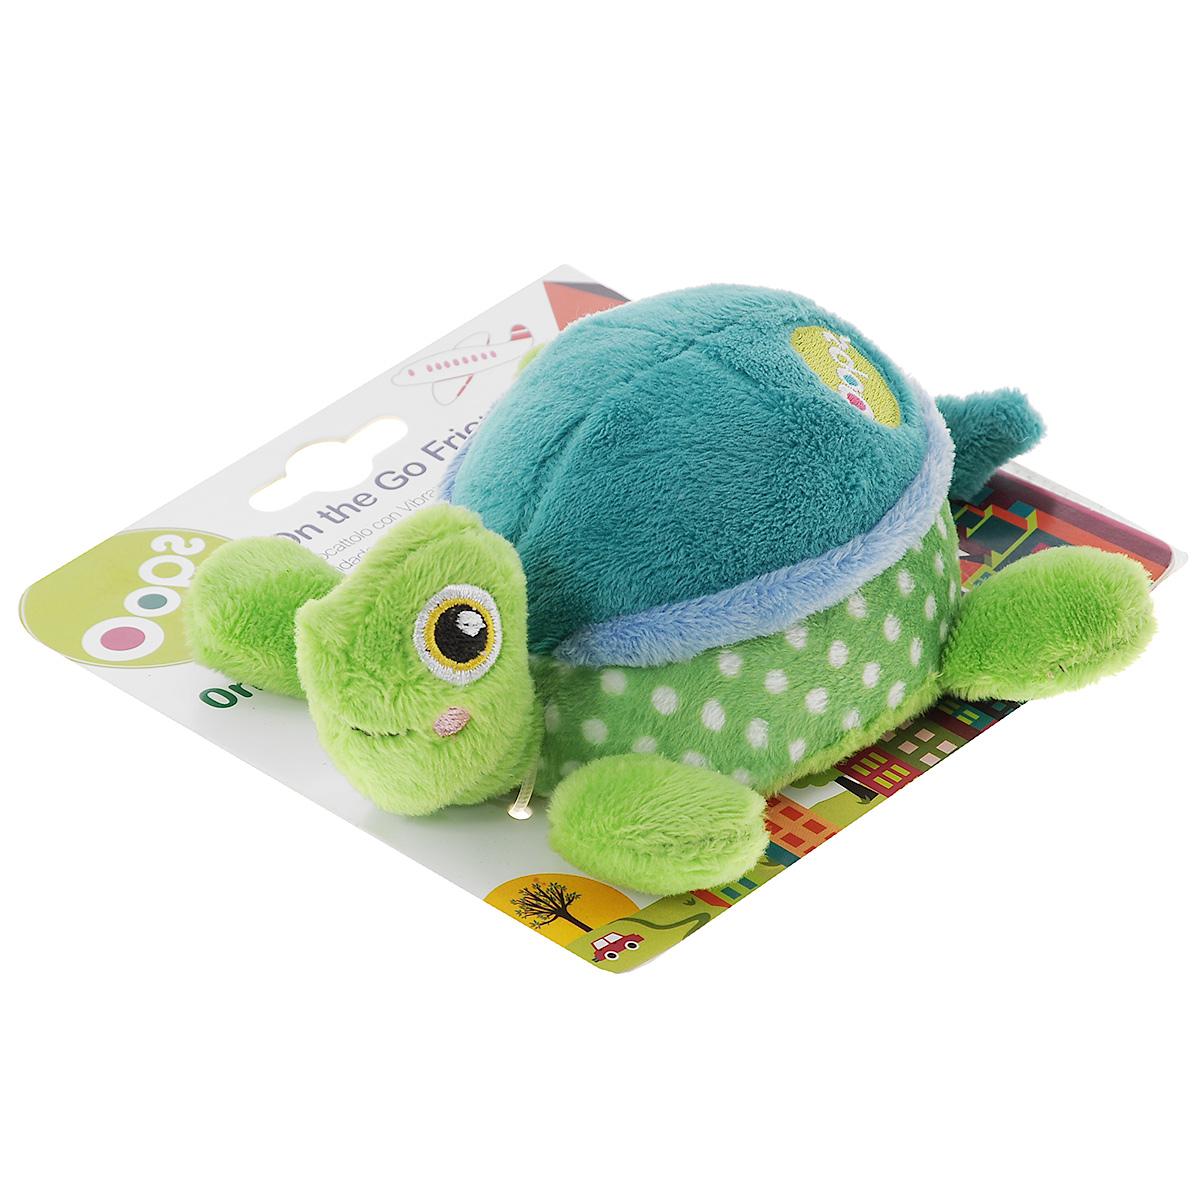 Игрушка развивающая OOPS Черепаха, цвет: зеленый, голубой погремушки oops игрушка развивающая собачка